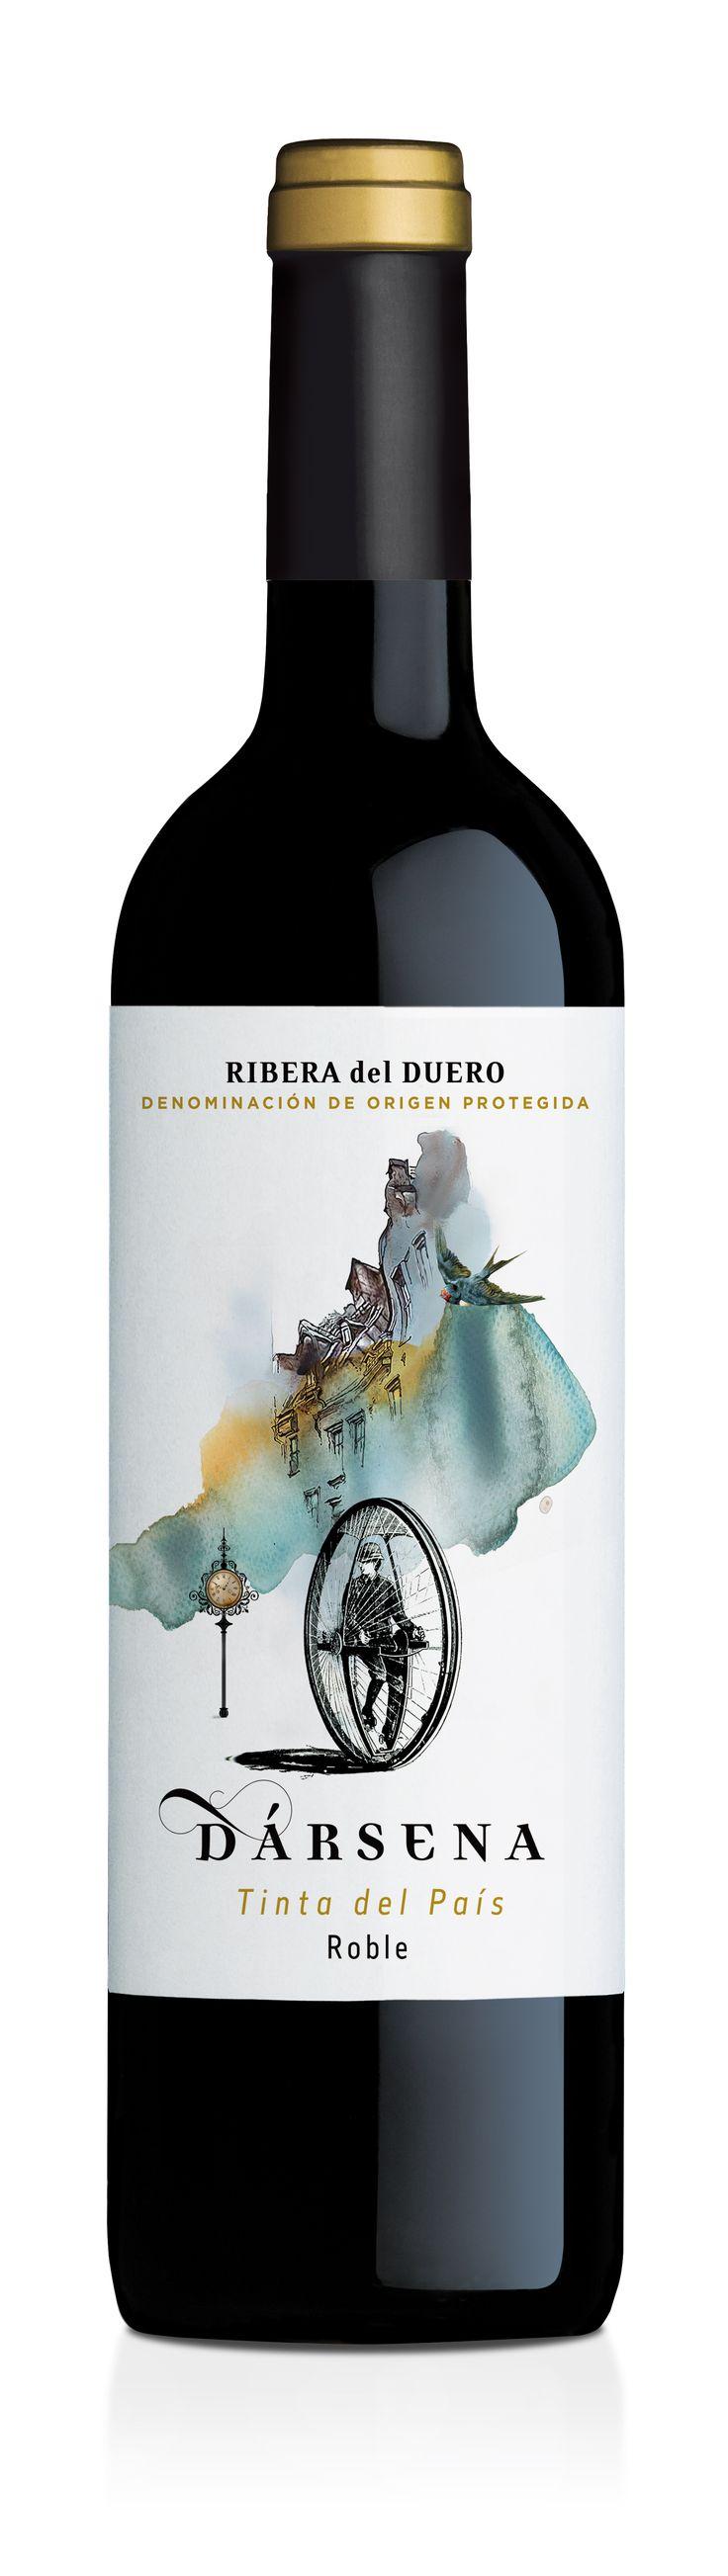 Tinta del País, Roble • Ribera del Duero D.O.